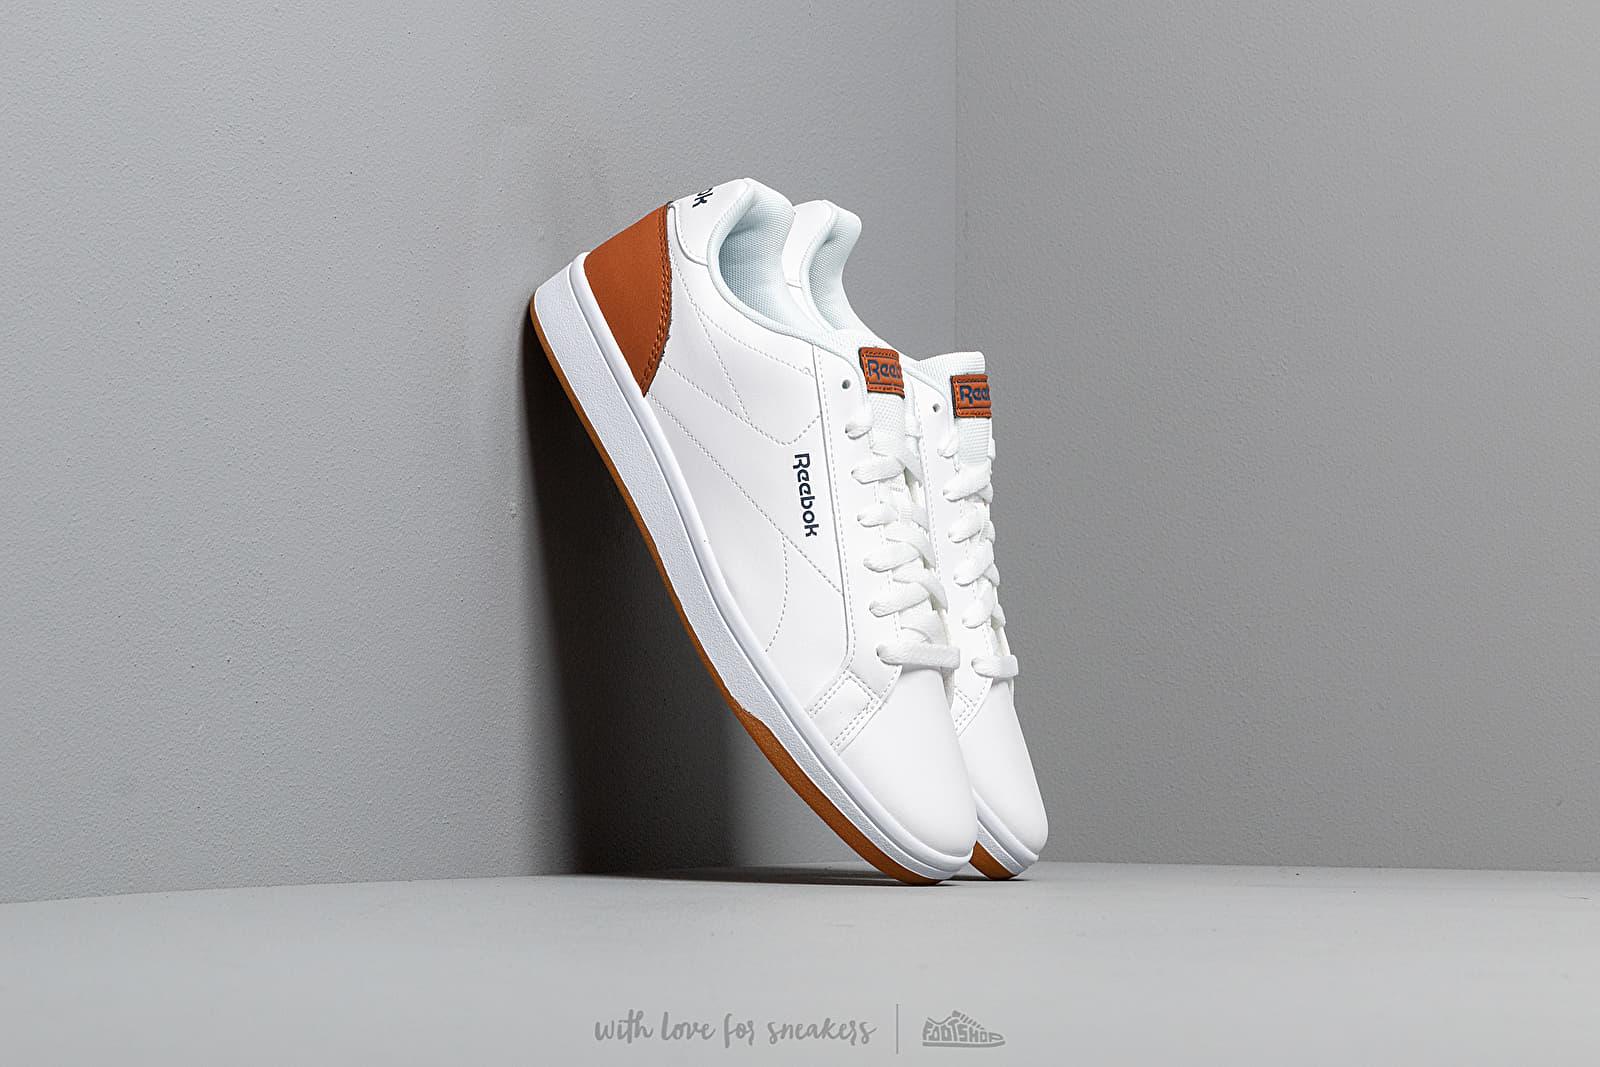 Reebok Royal Complete Cln White/ Brown/ Navy/ Gum za skvelú cenu 46 € kúpite na Footshop.sk